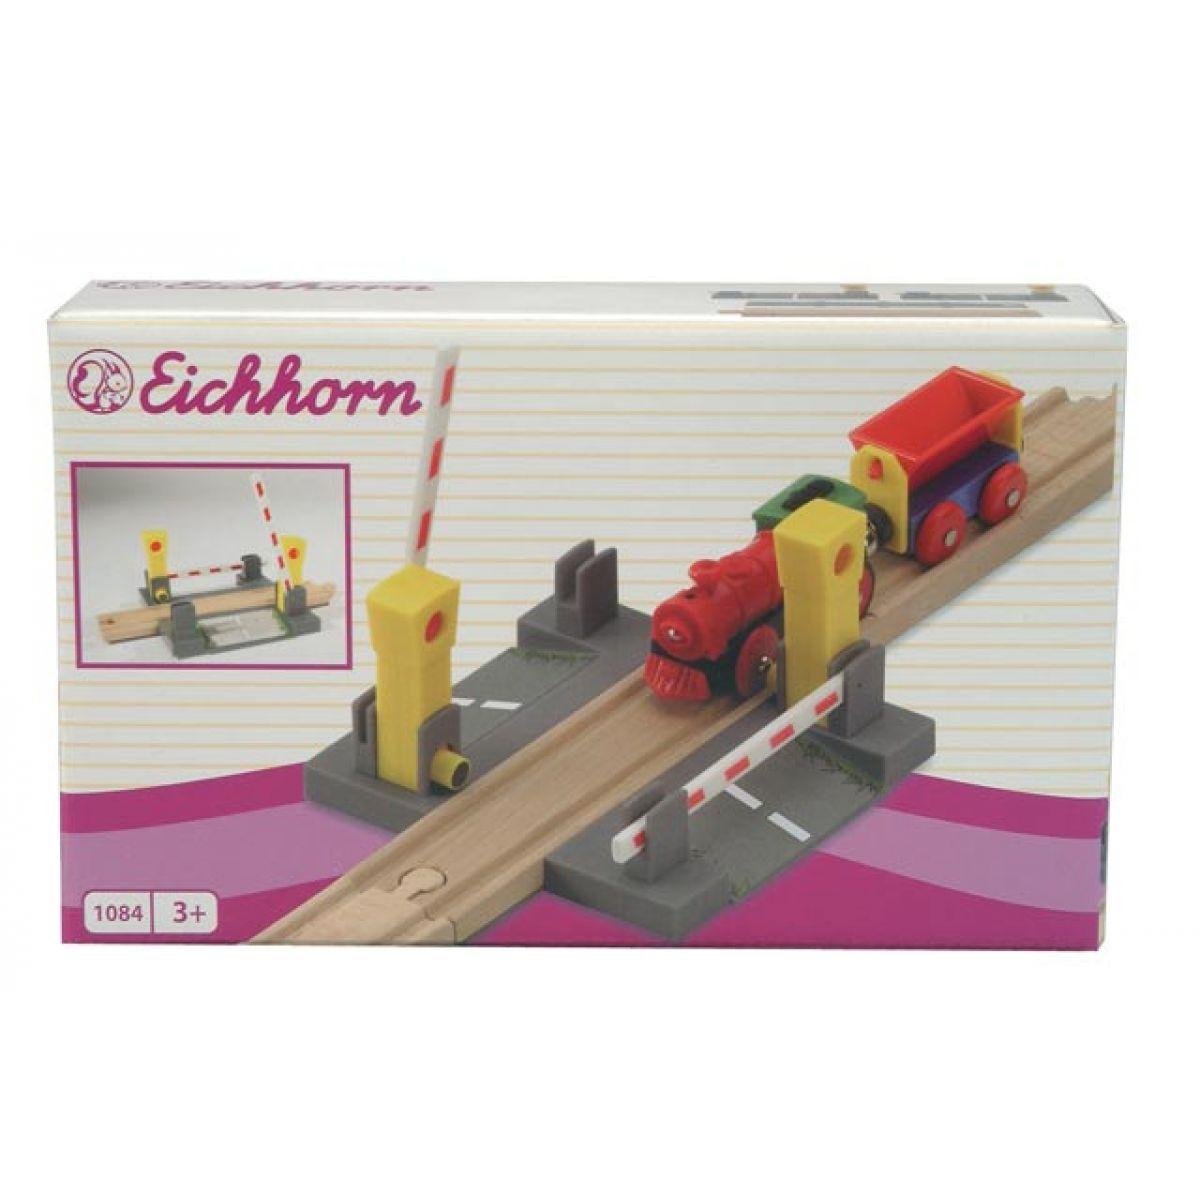 Eichhorn S 1084 - Magnetický zvedací vlakový přejezd